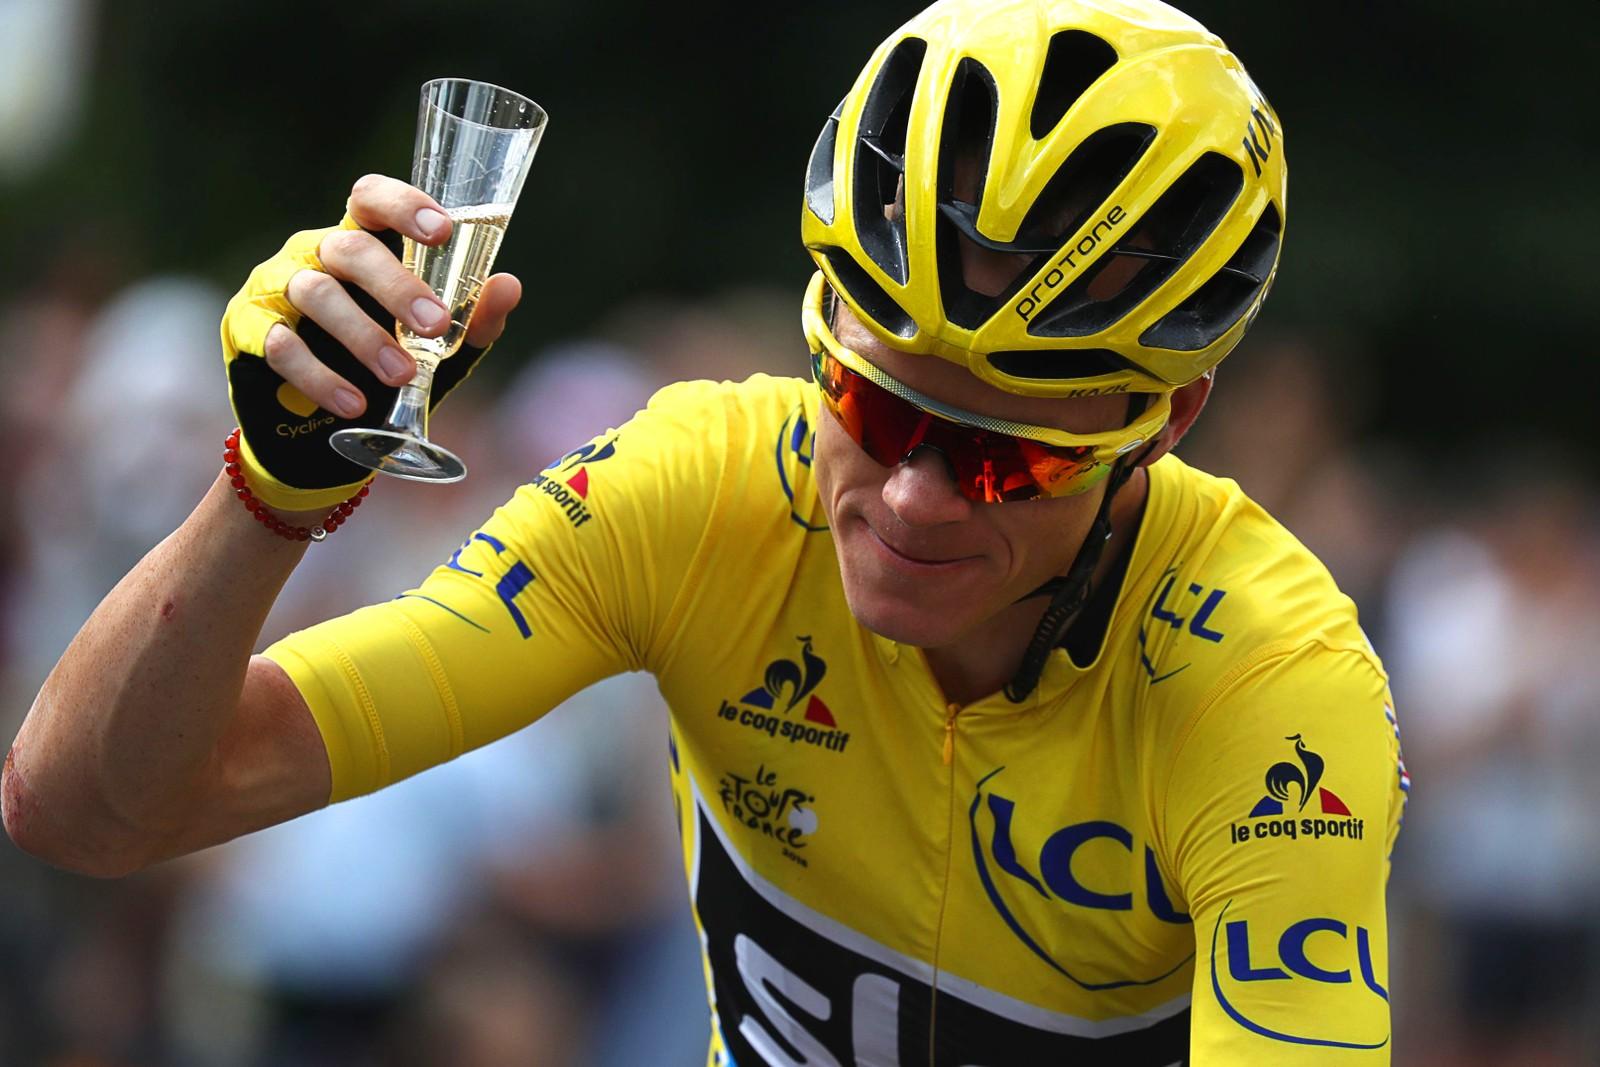 Storbritannias Christopher Froome feier seieren på forskudd med et glass champagne på sykkelen under den siste etappen av Tour de France den 24. juli.